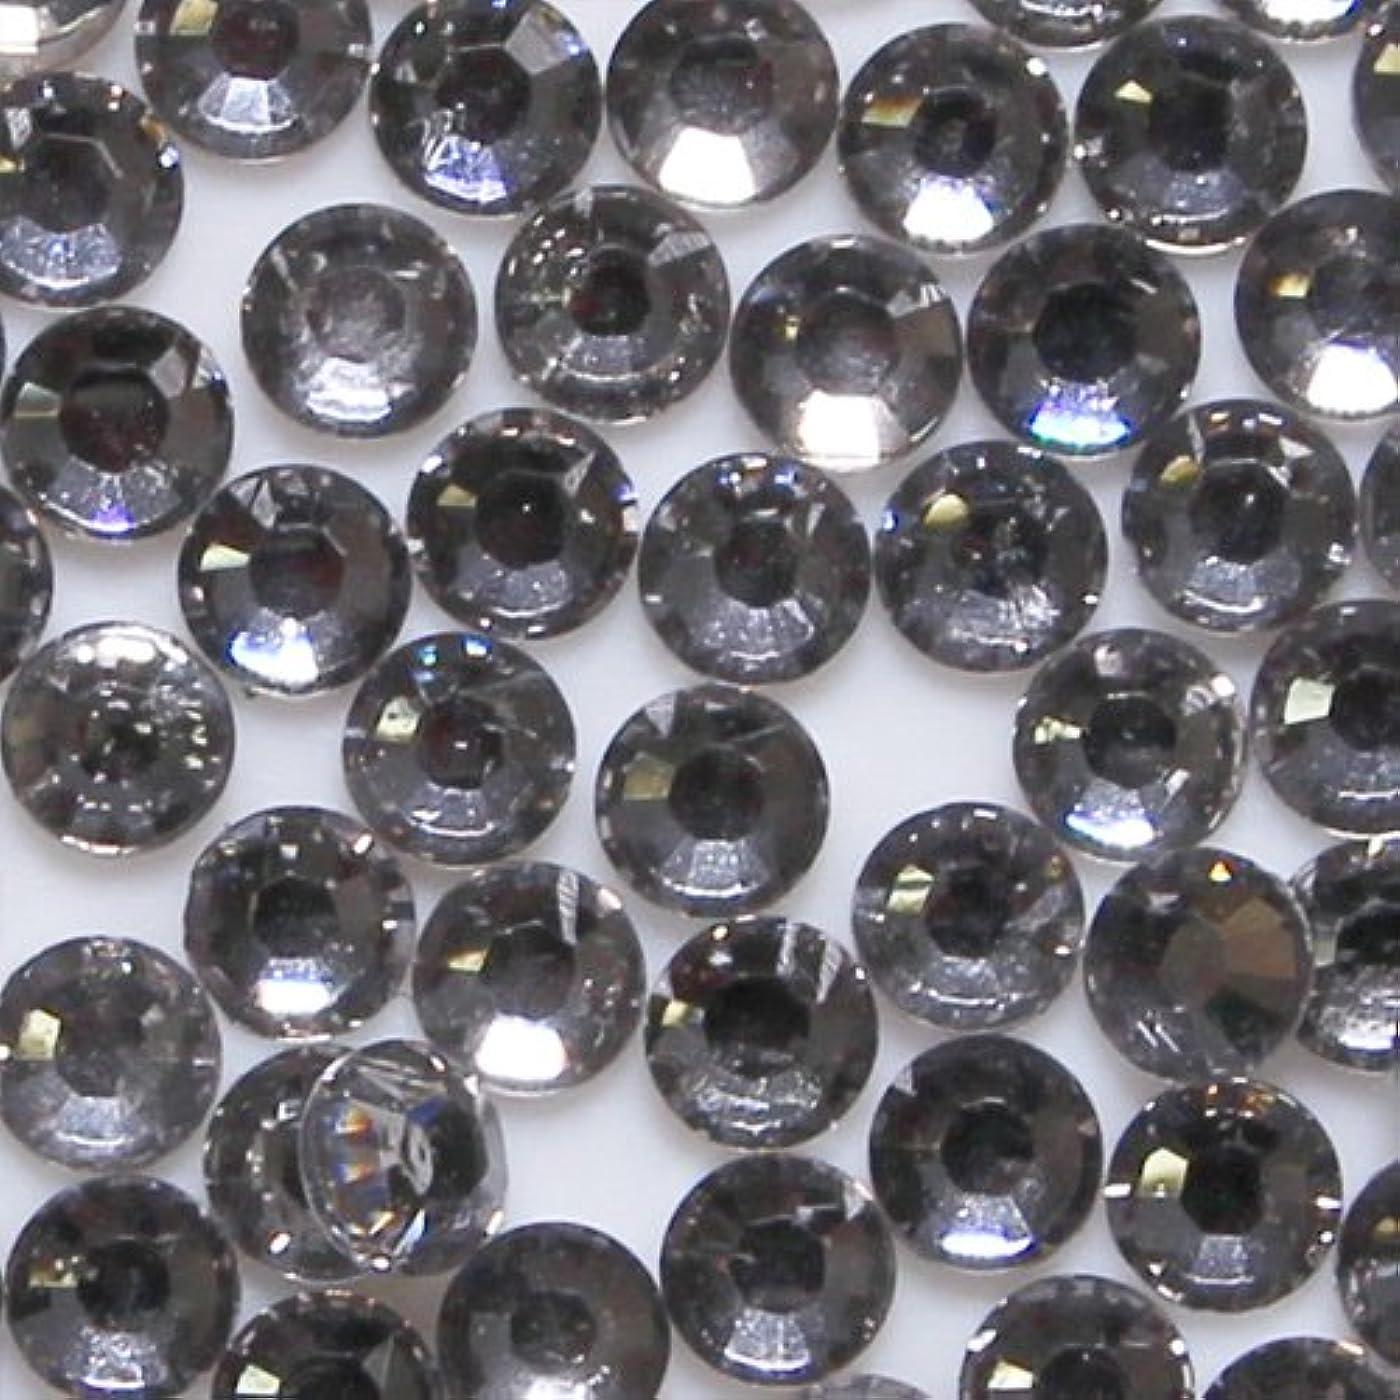 カビ無許可ブルーベル高品質 アクリルストーン ラインストーン ラウンドフラット 約1000粒入り 3mm ブラックダイヤモンド